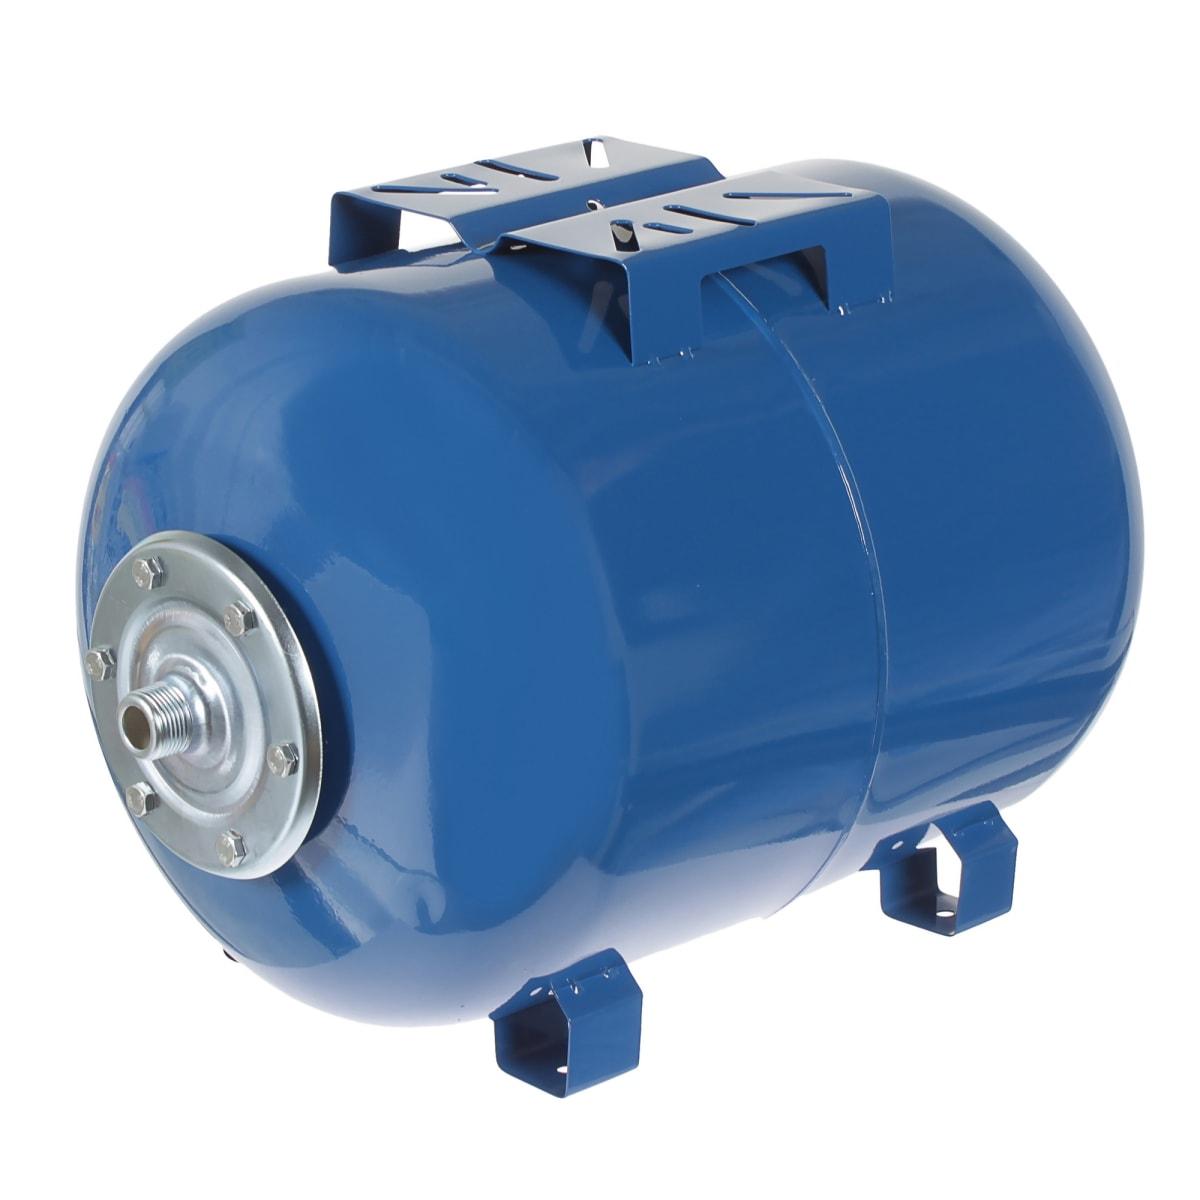 Гидроаккумулятор горизонтальный 50 л, фланец оцинкованная сталь